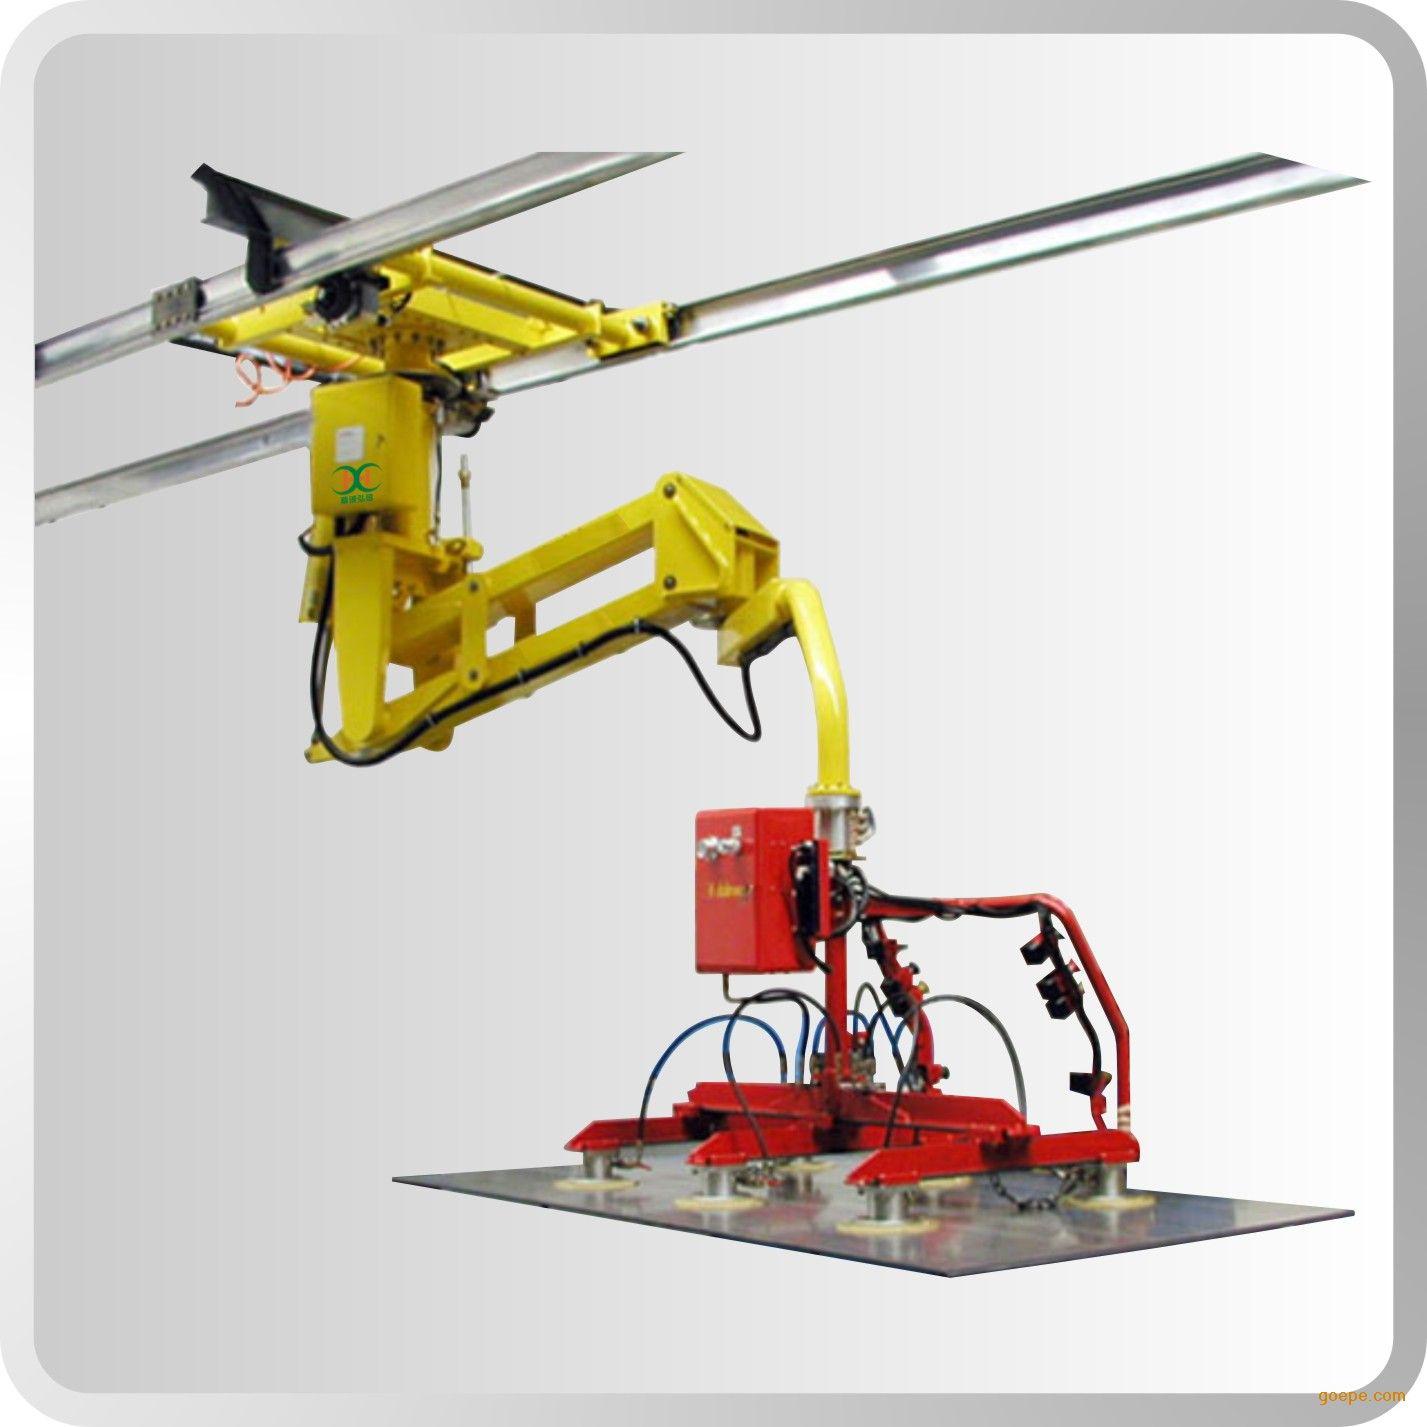 助力机械臂-青岛助力机械手-山东助力机械臂